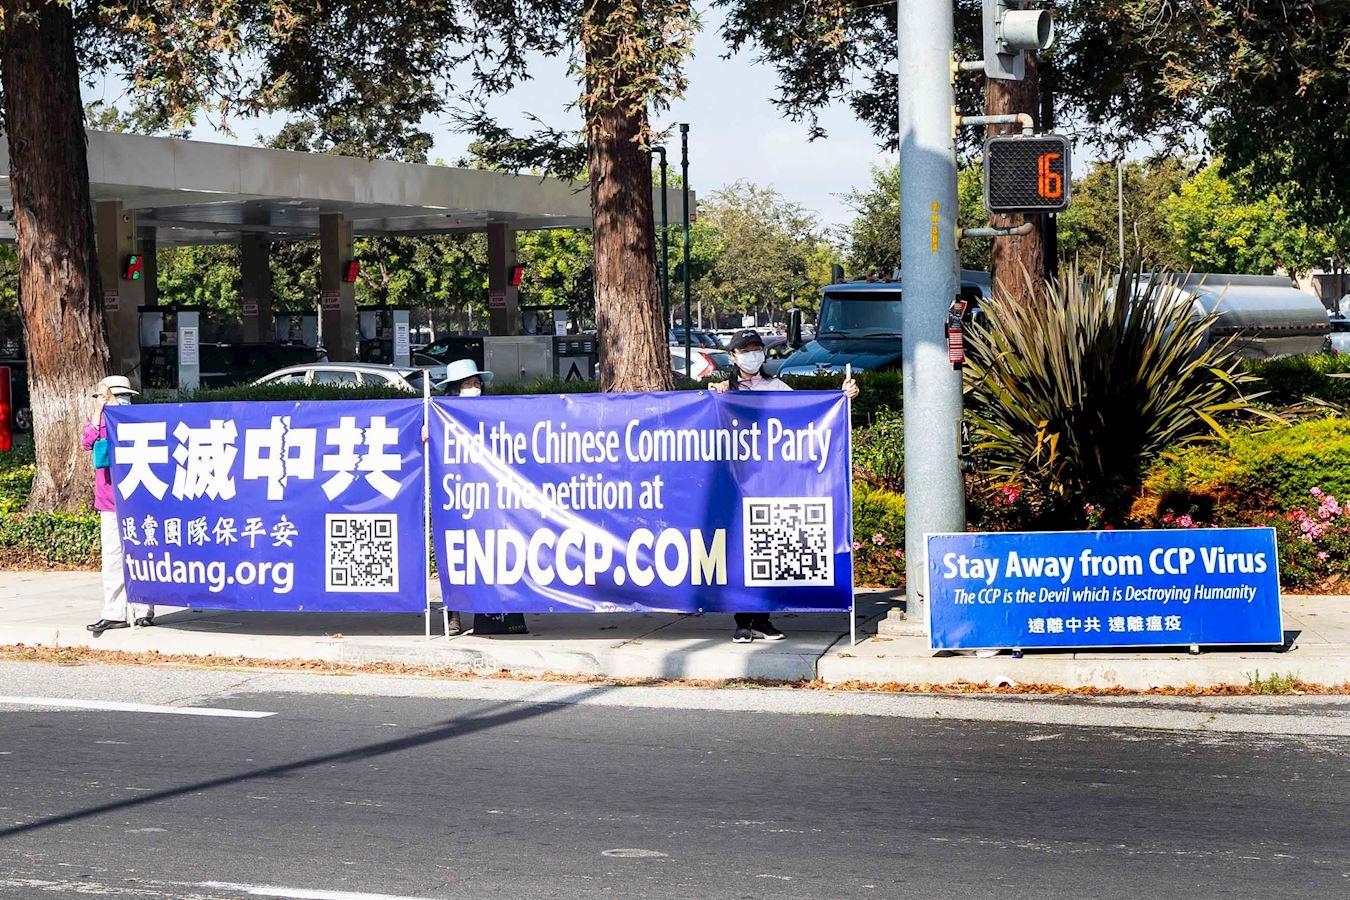 法輪功學員在美國高科技中心、三藩市矽谷的聖荷西市繁忙的大路口打出真相橫幅。(明慧網)